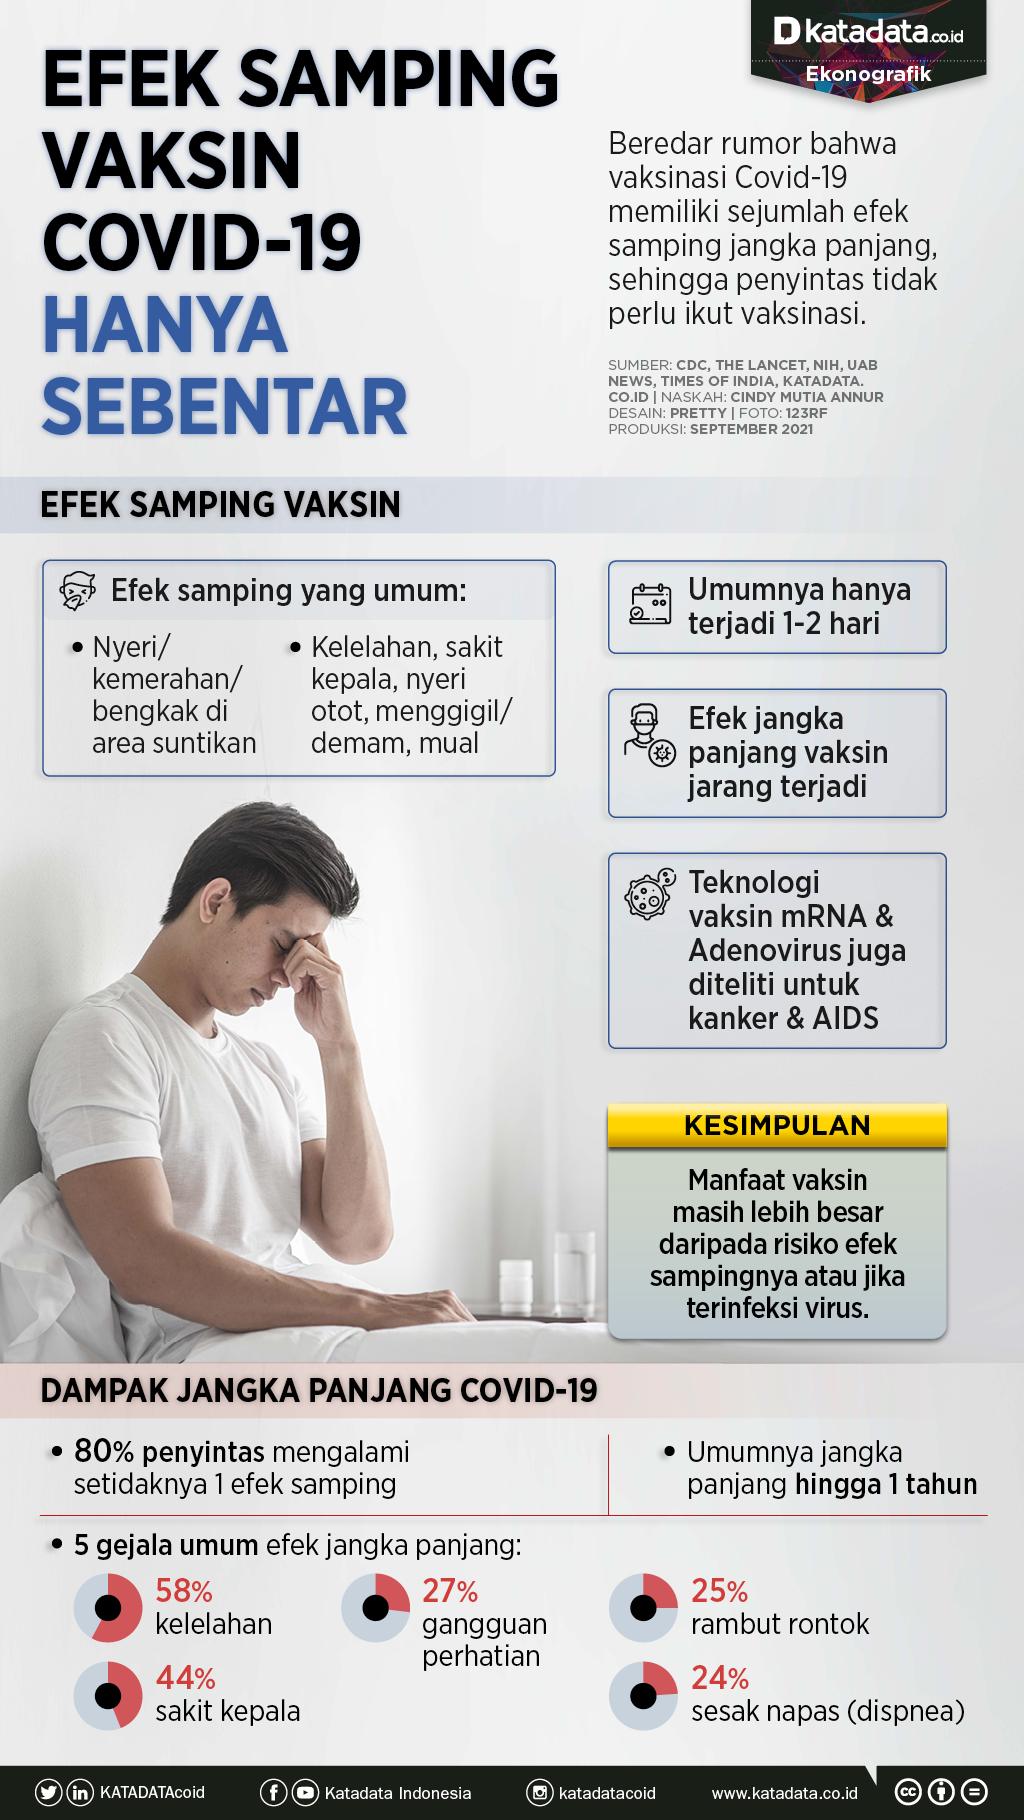 Infografik_Efek samping covid-19 hanya sebentar